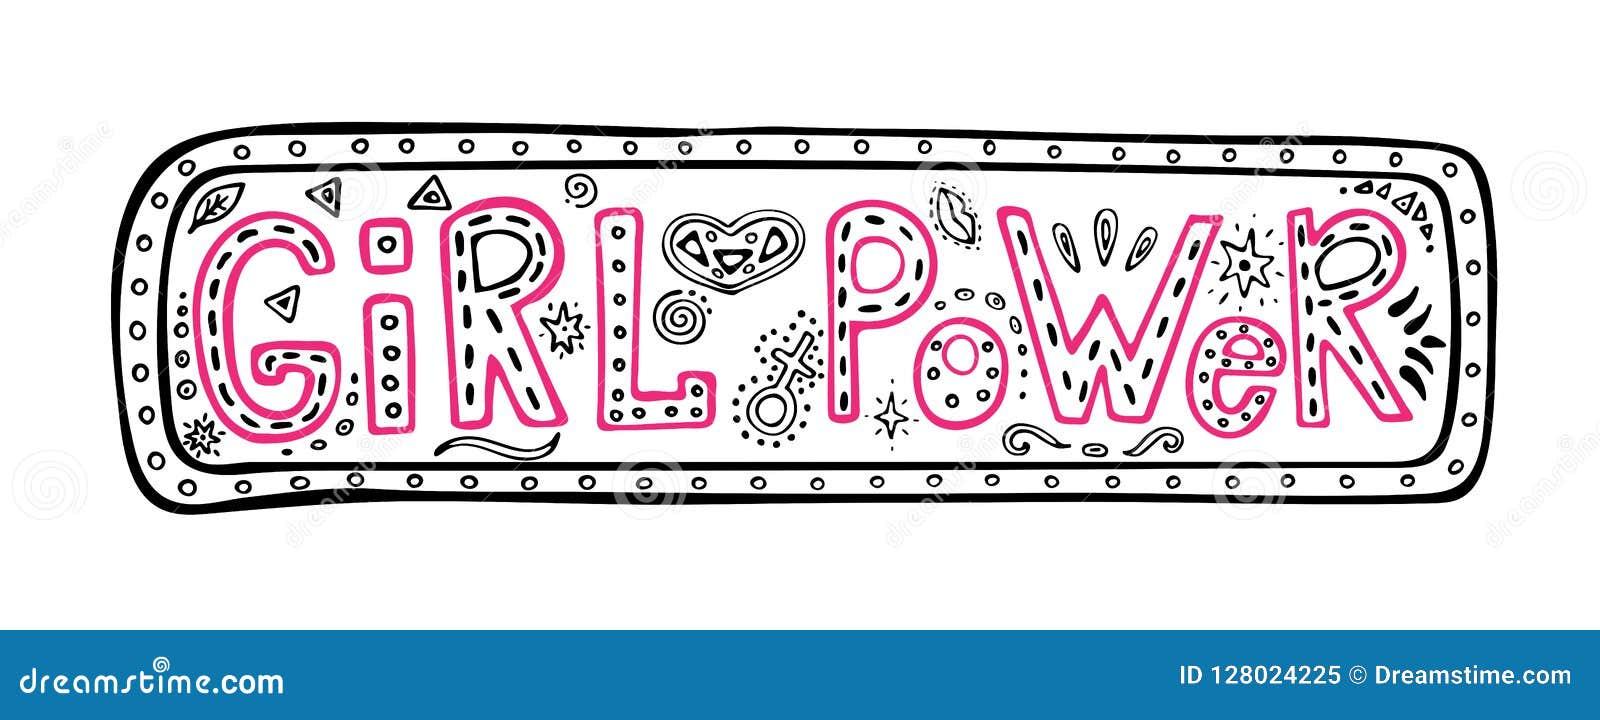 Frase no quadro, citações inspiradas da mão-rotulação do poder da menina, ilustração do gráfico colorido no estilo da garatuja, m